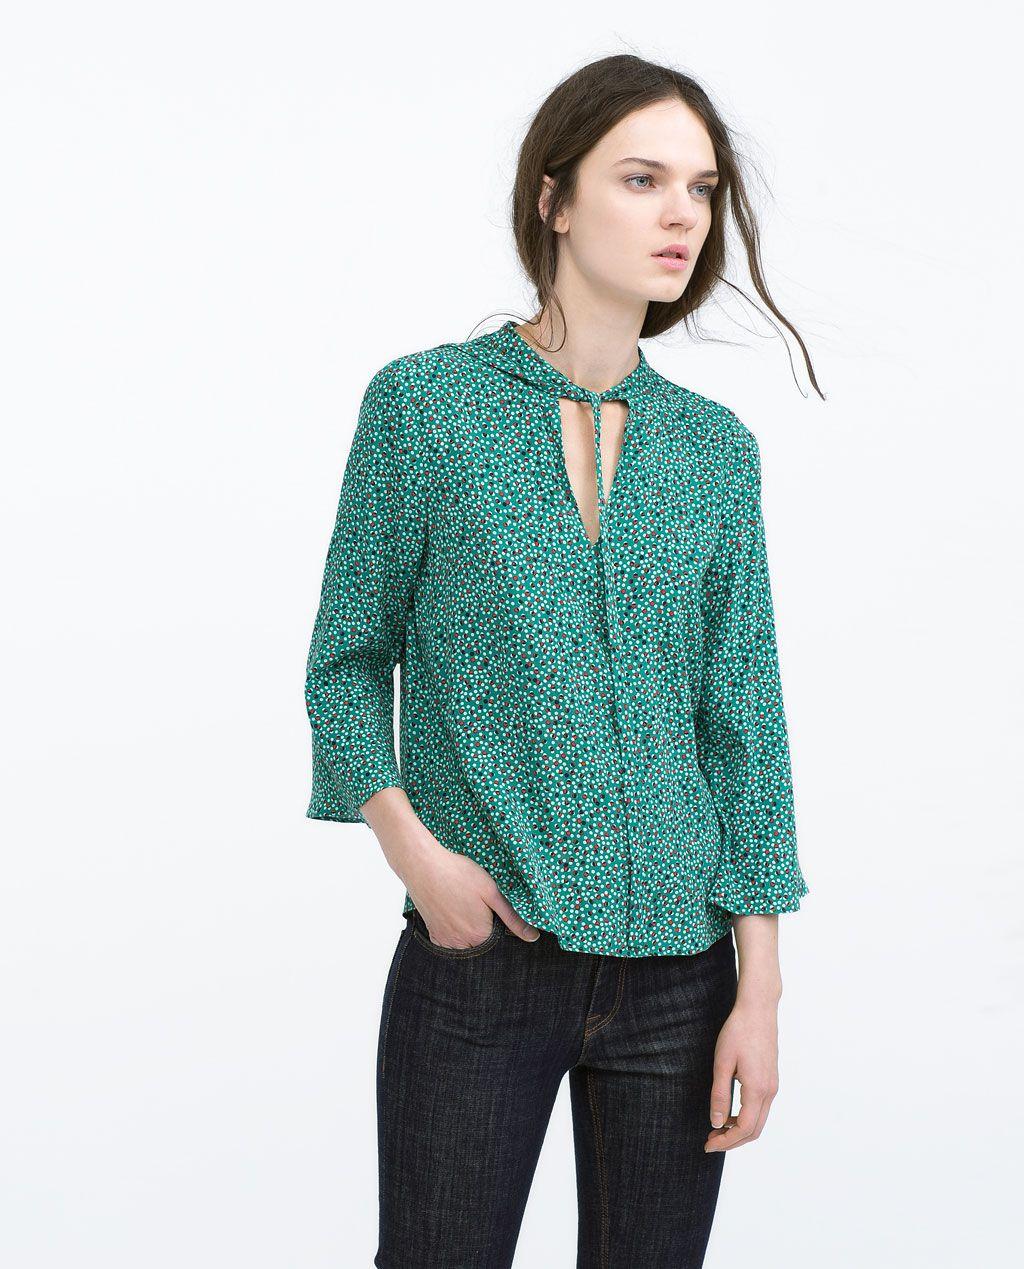 Italia Camicia Fiocchi Donna Stampata A Zara Con V Scollo Camicie 1xPznqr71w